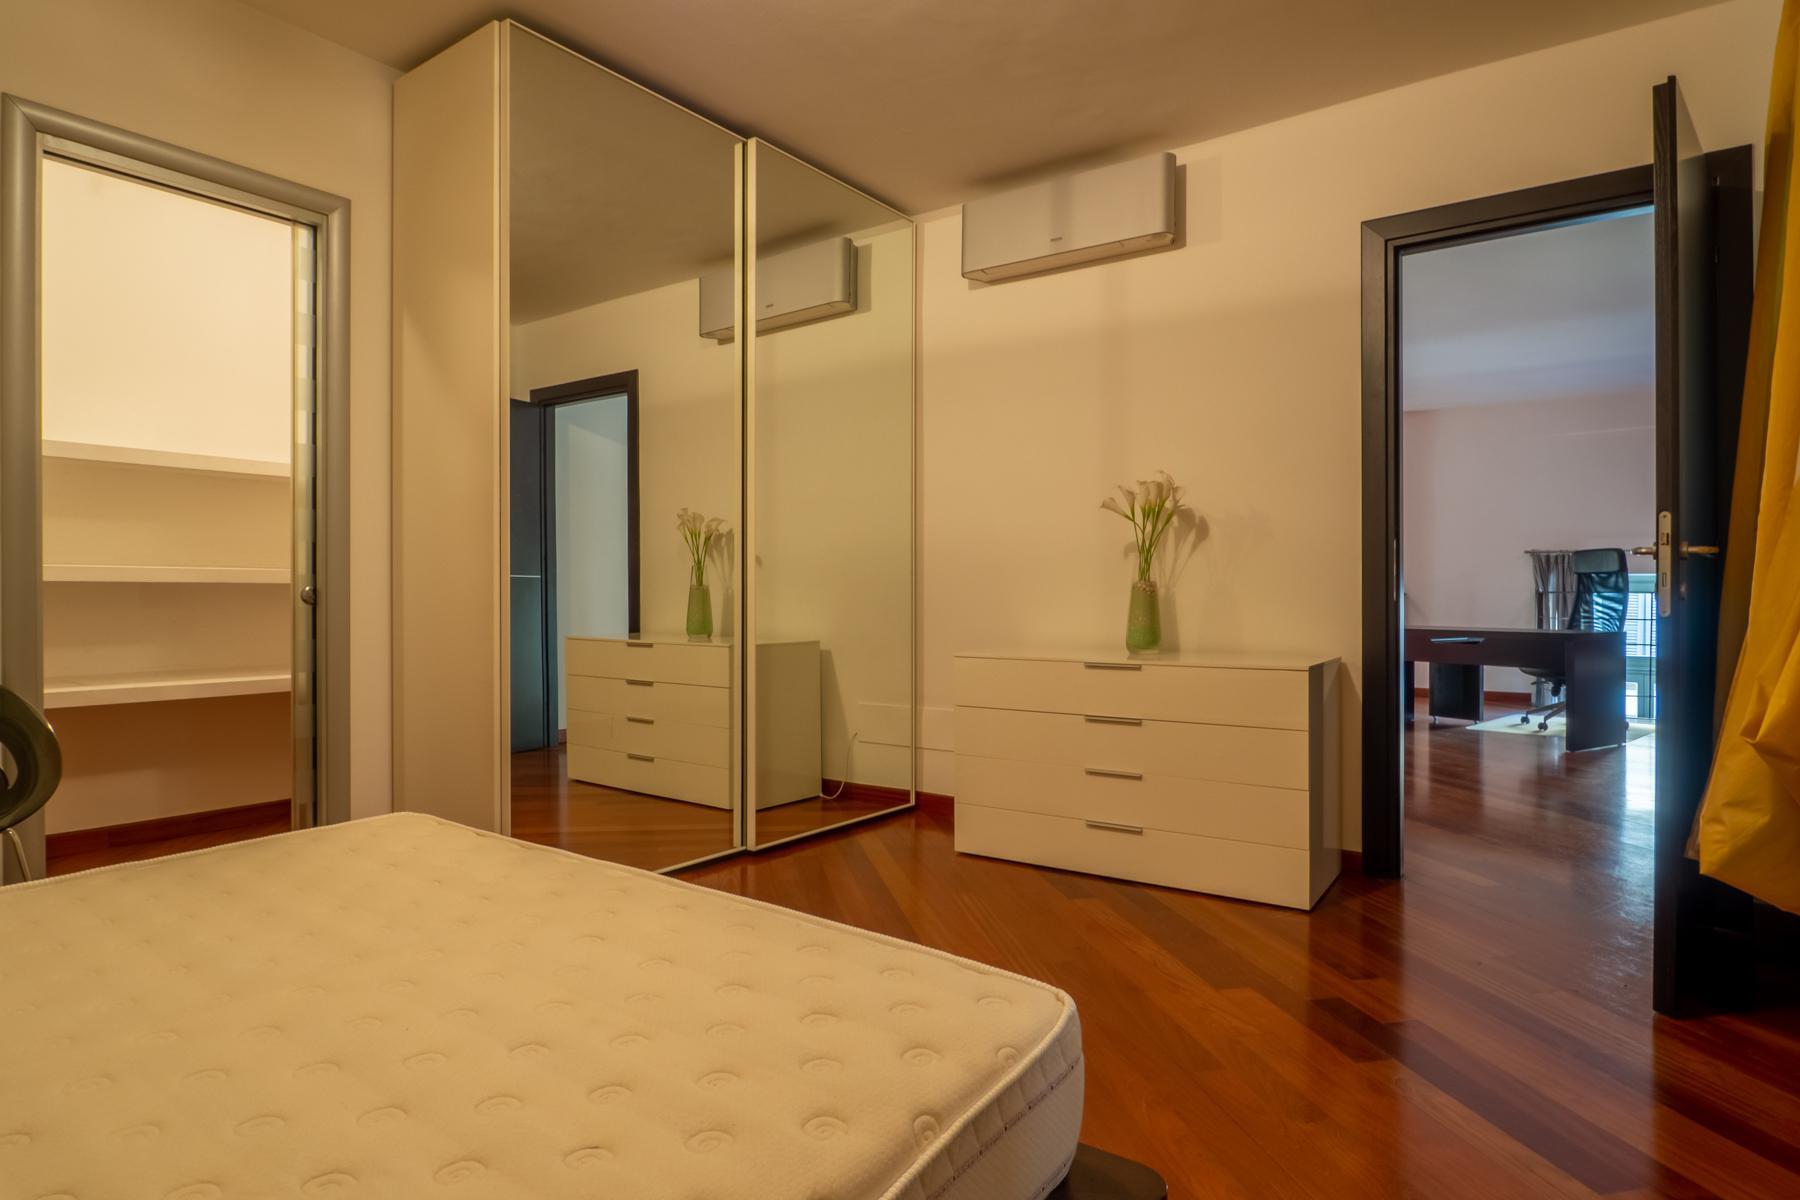 位于Torino市中心的现代公寓 - 15